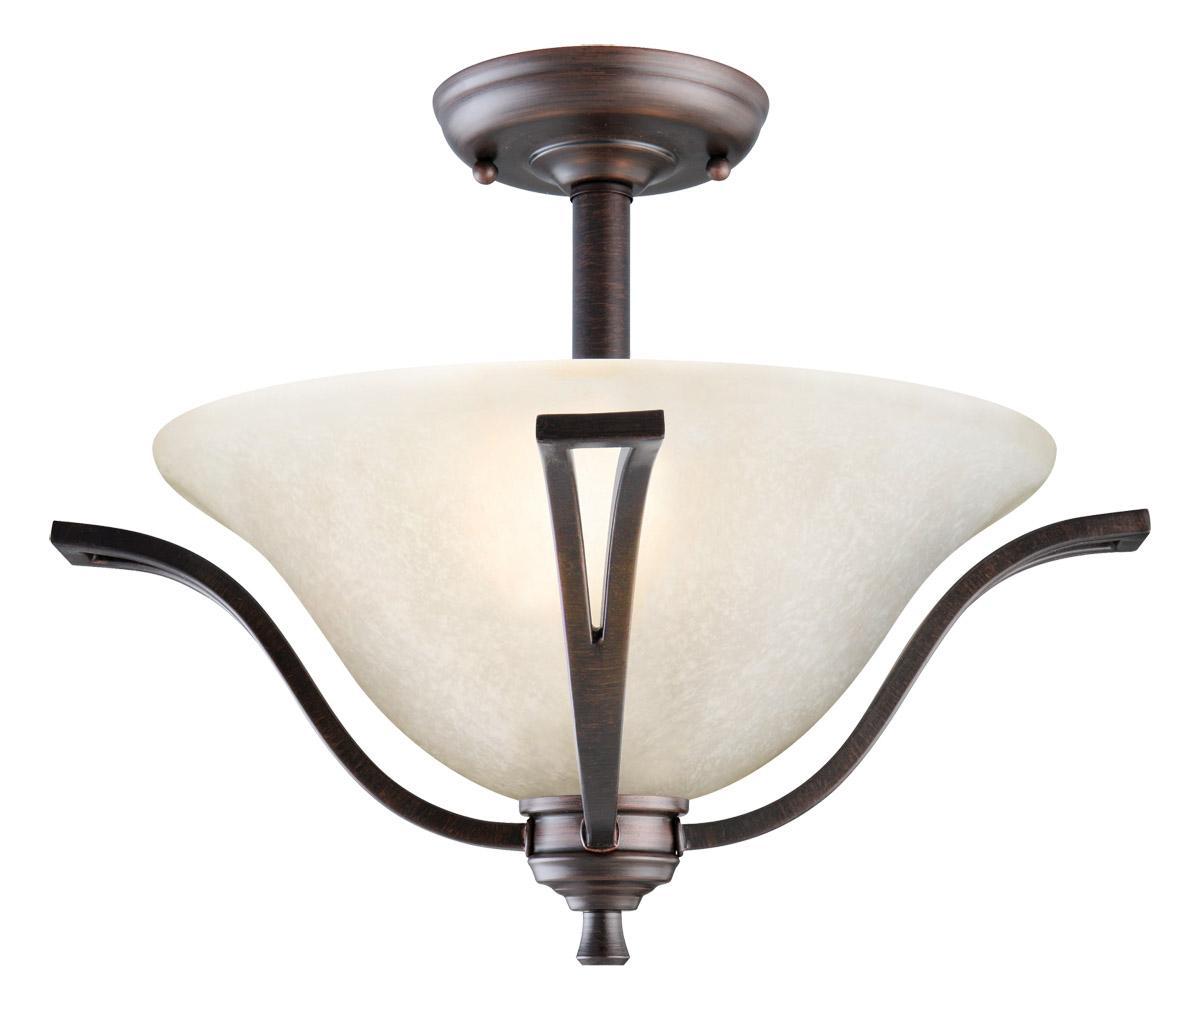 Design House 517631 Ironwood 2-Light Semi Flush Ceiling Light, Brushed Bronze Finish